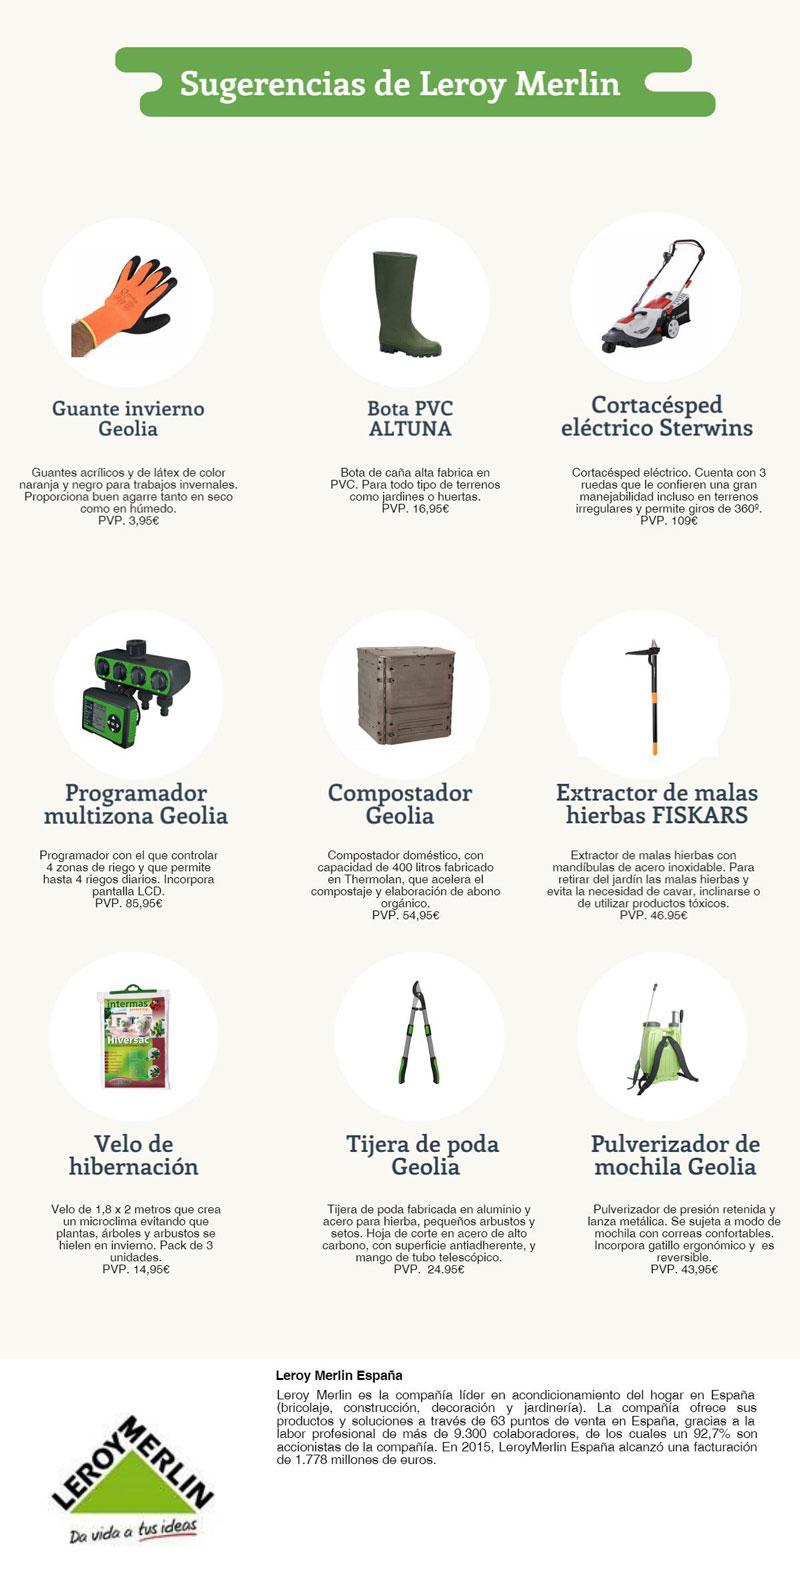 Infografía con materiales y herramientas para preparar el jardín en invierno